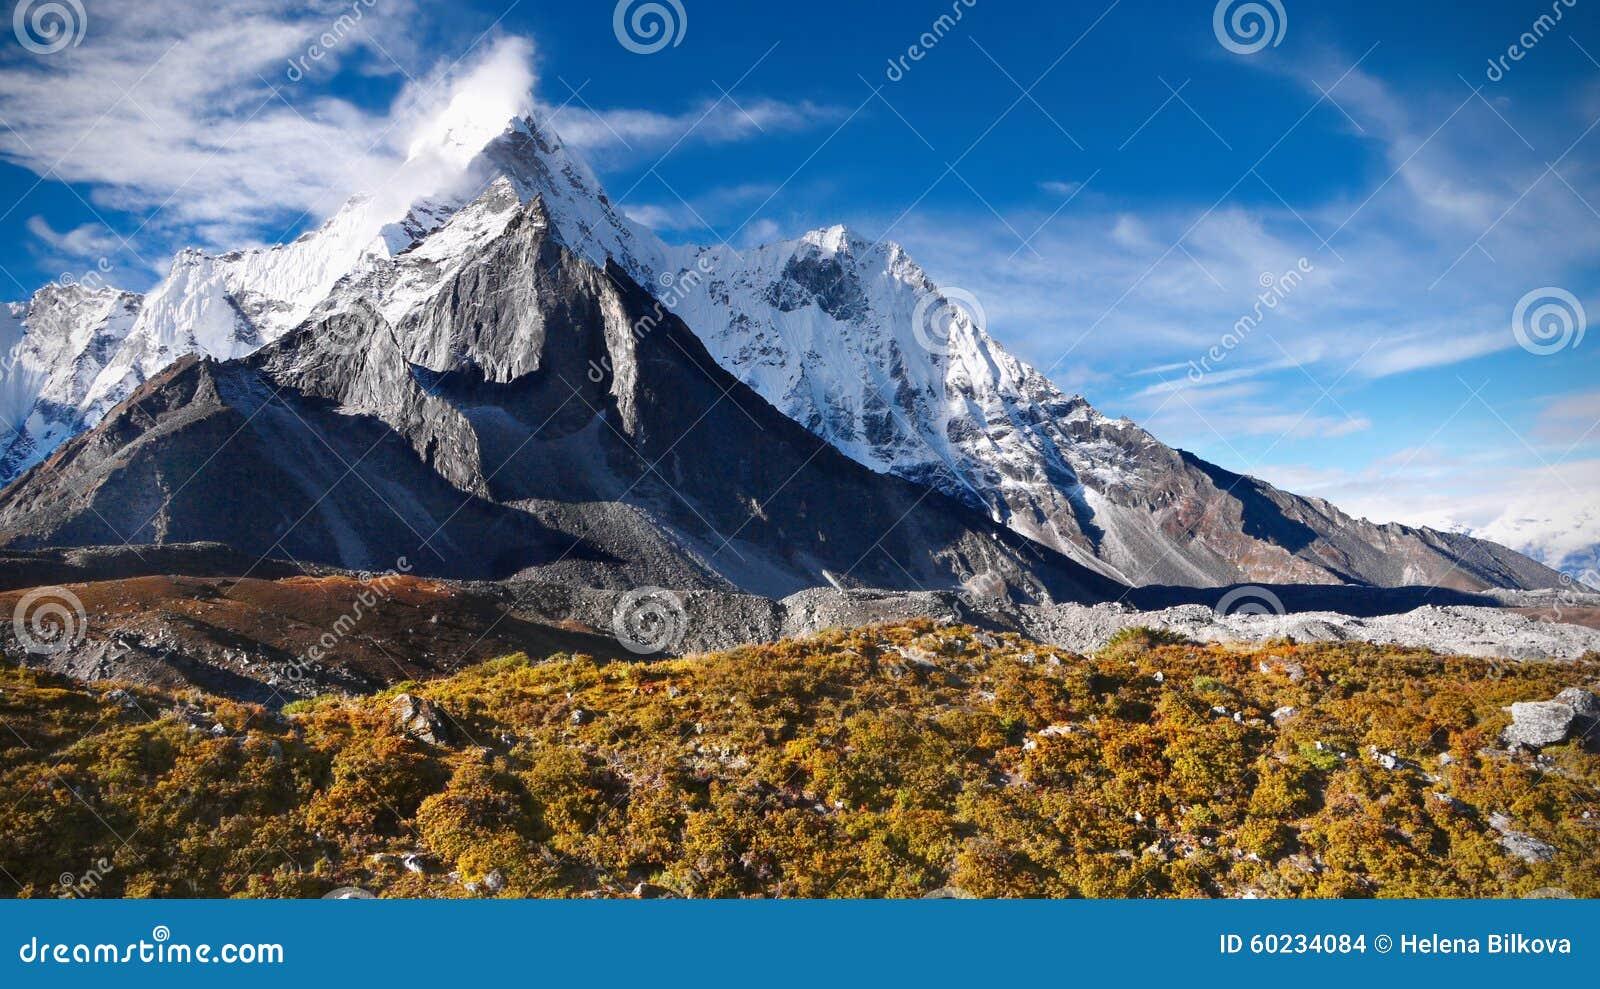 Mountains, Autumn, Everest, Himalayas